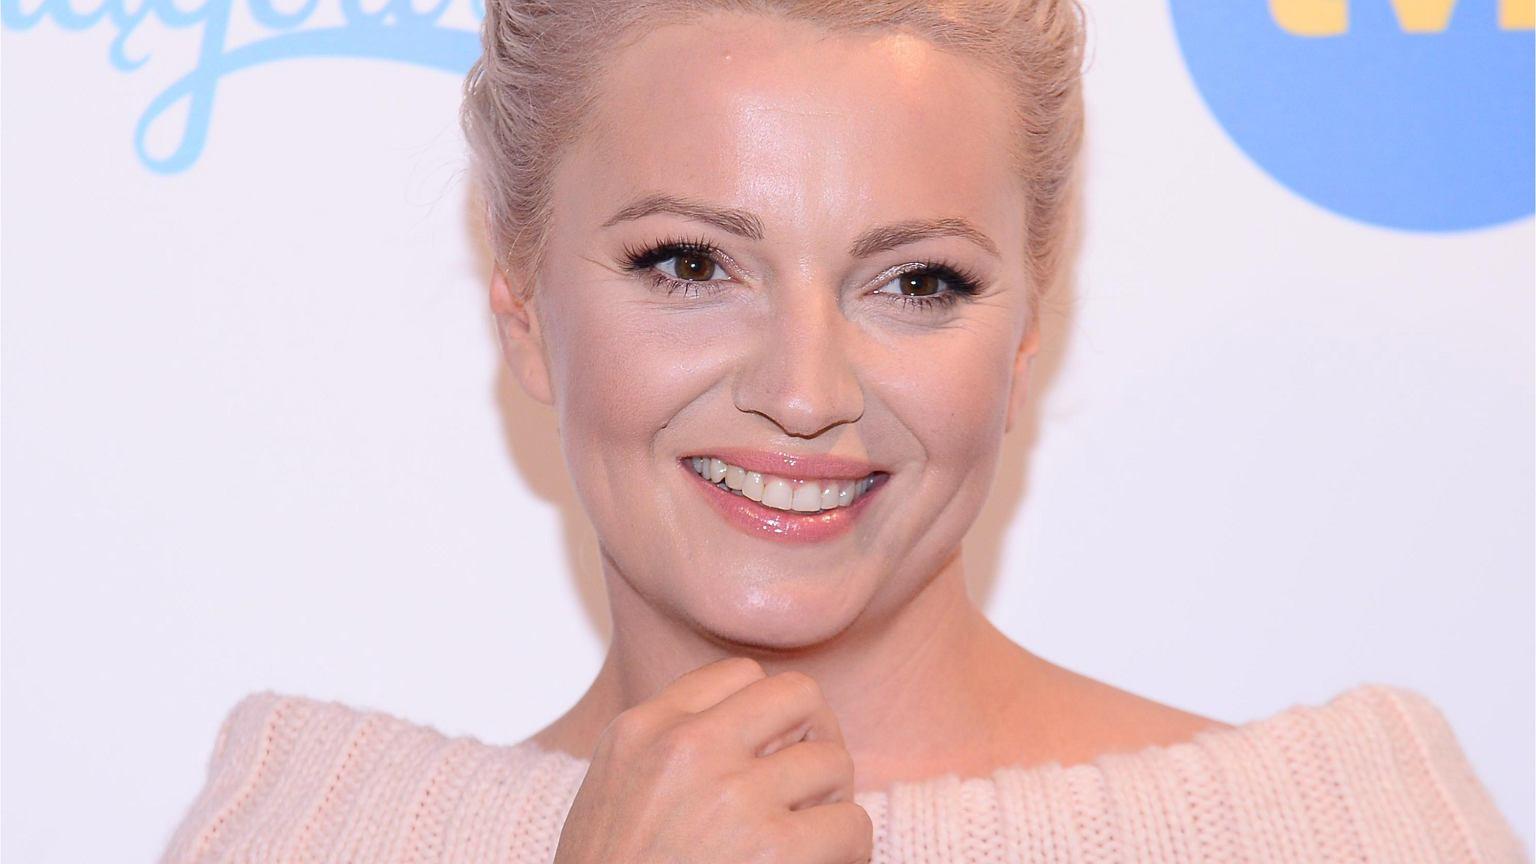 Dorota Szelągowska pokazała się bez makijażu. Została porównana do Kate Winslet.